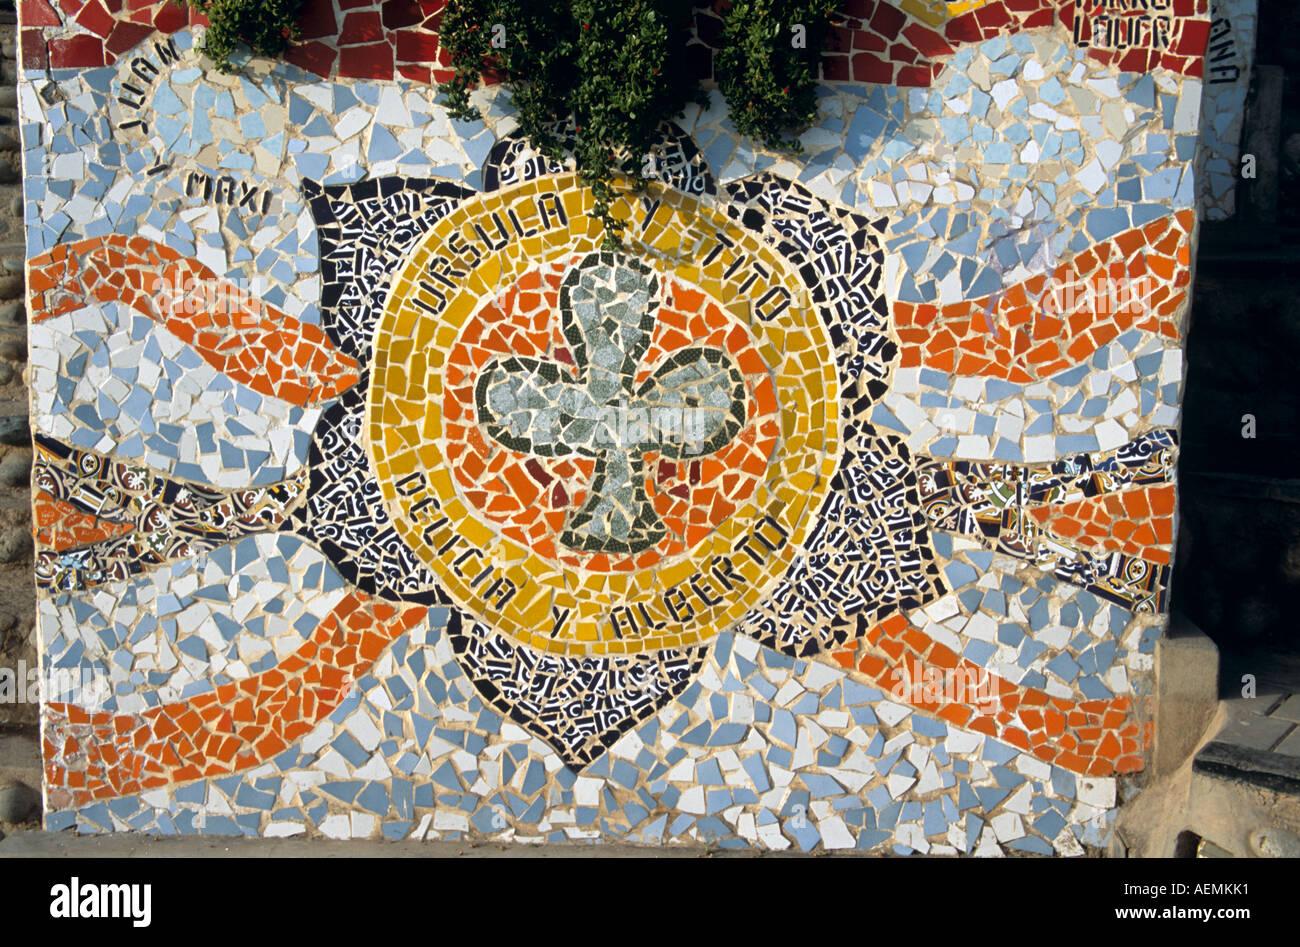 Pared de azulejos, el Parque del Amor, Miraflores, Lima, Perú. Imagen De Stock